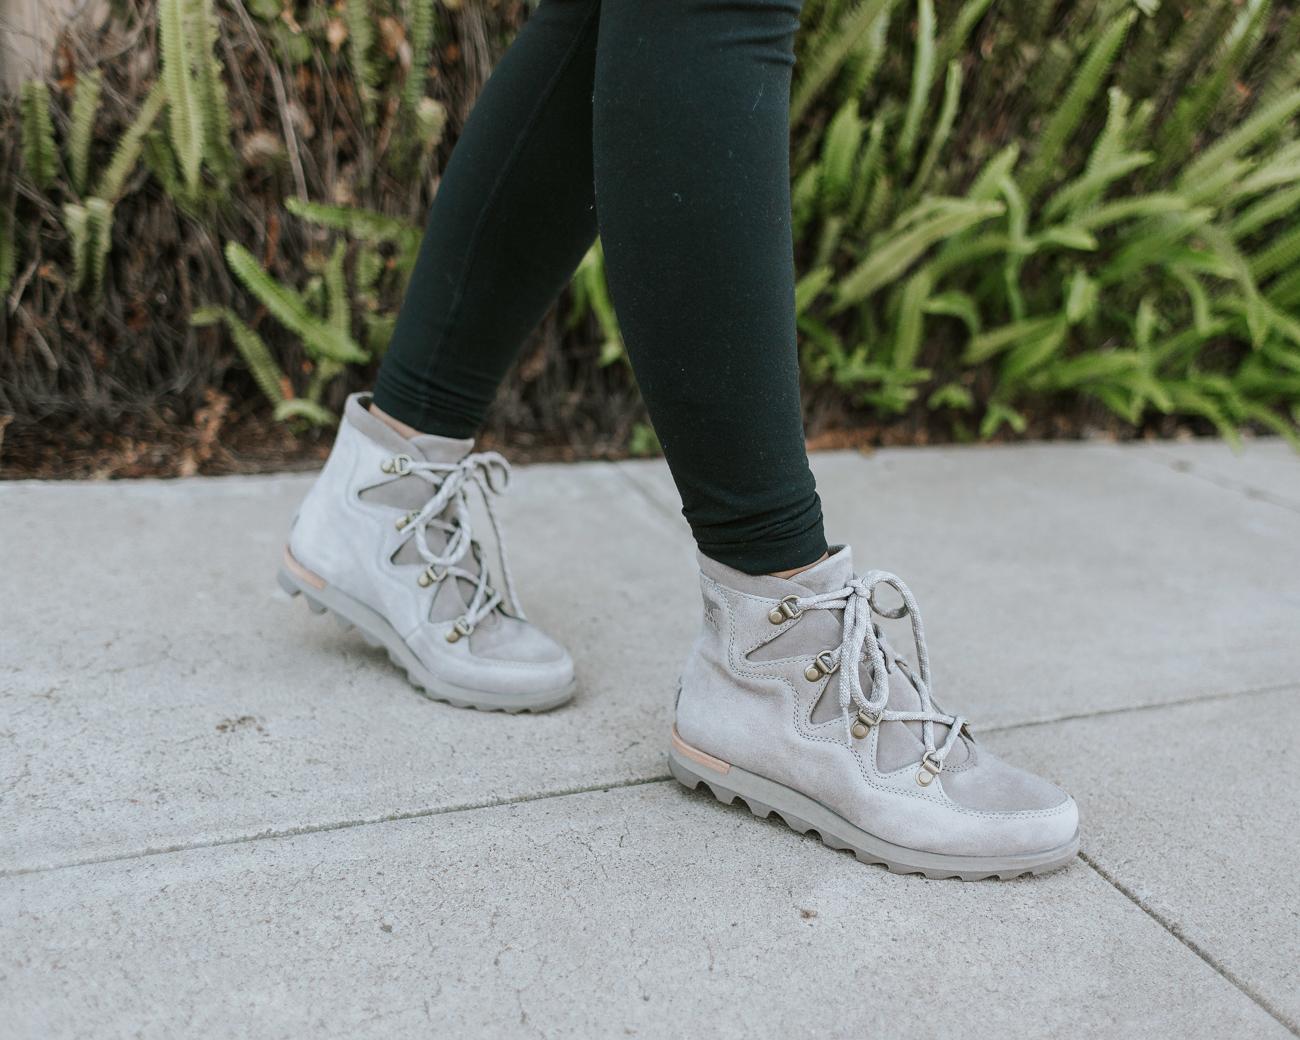 Sorel Footwear Zappos